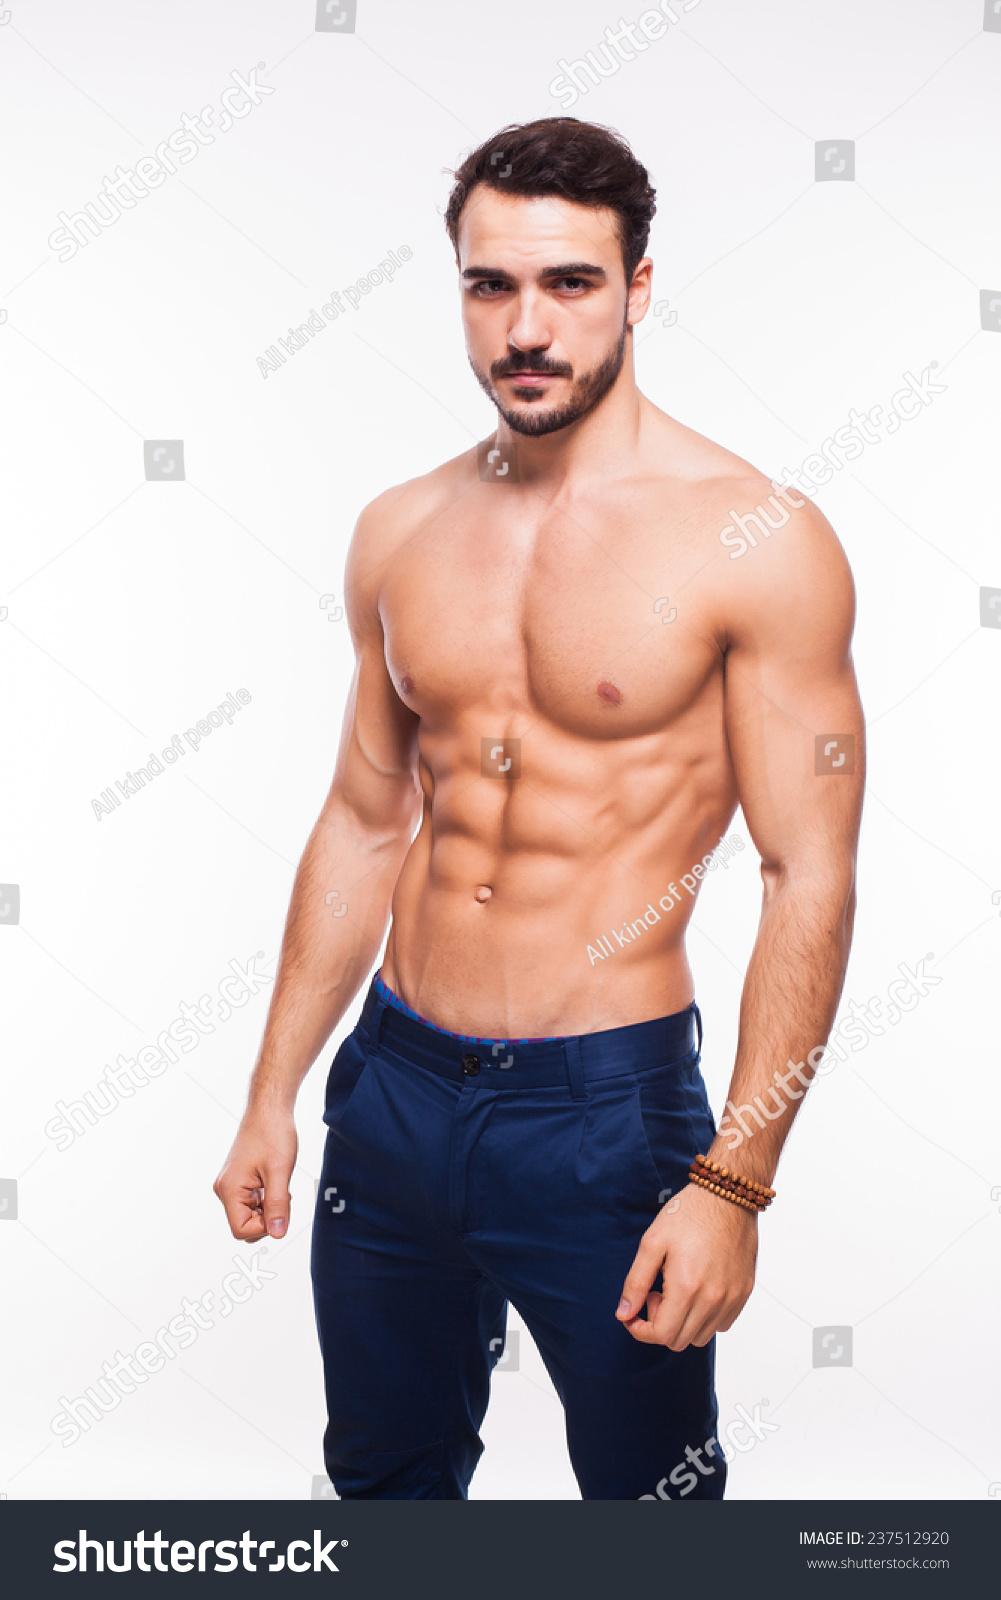 Athletic men nude Nude Photos